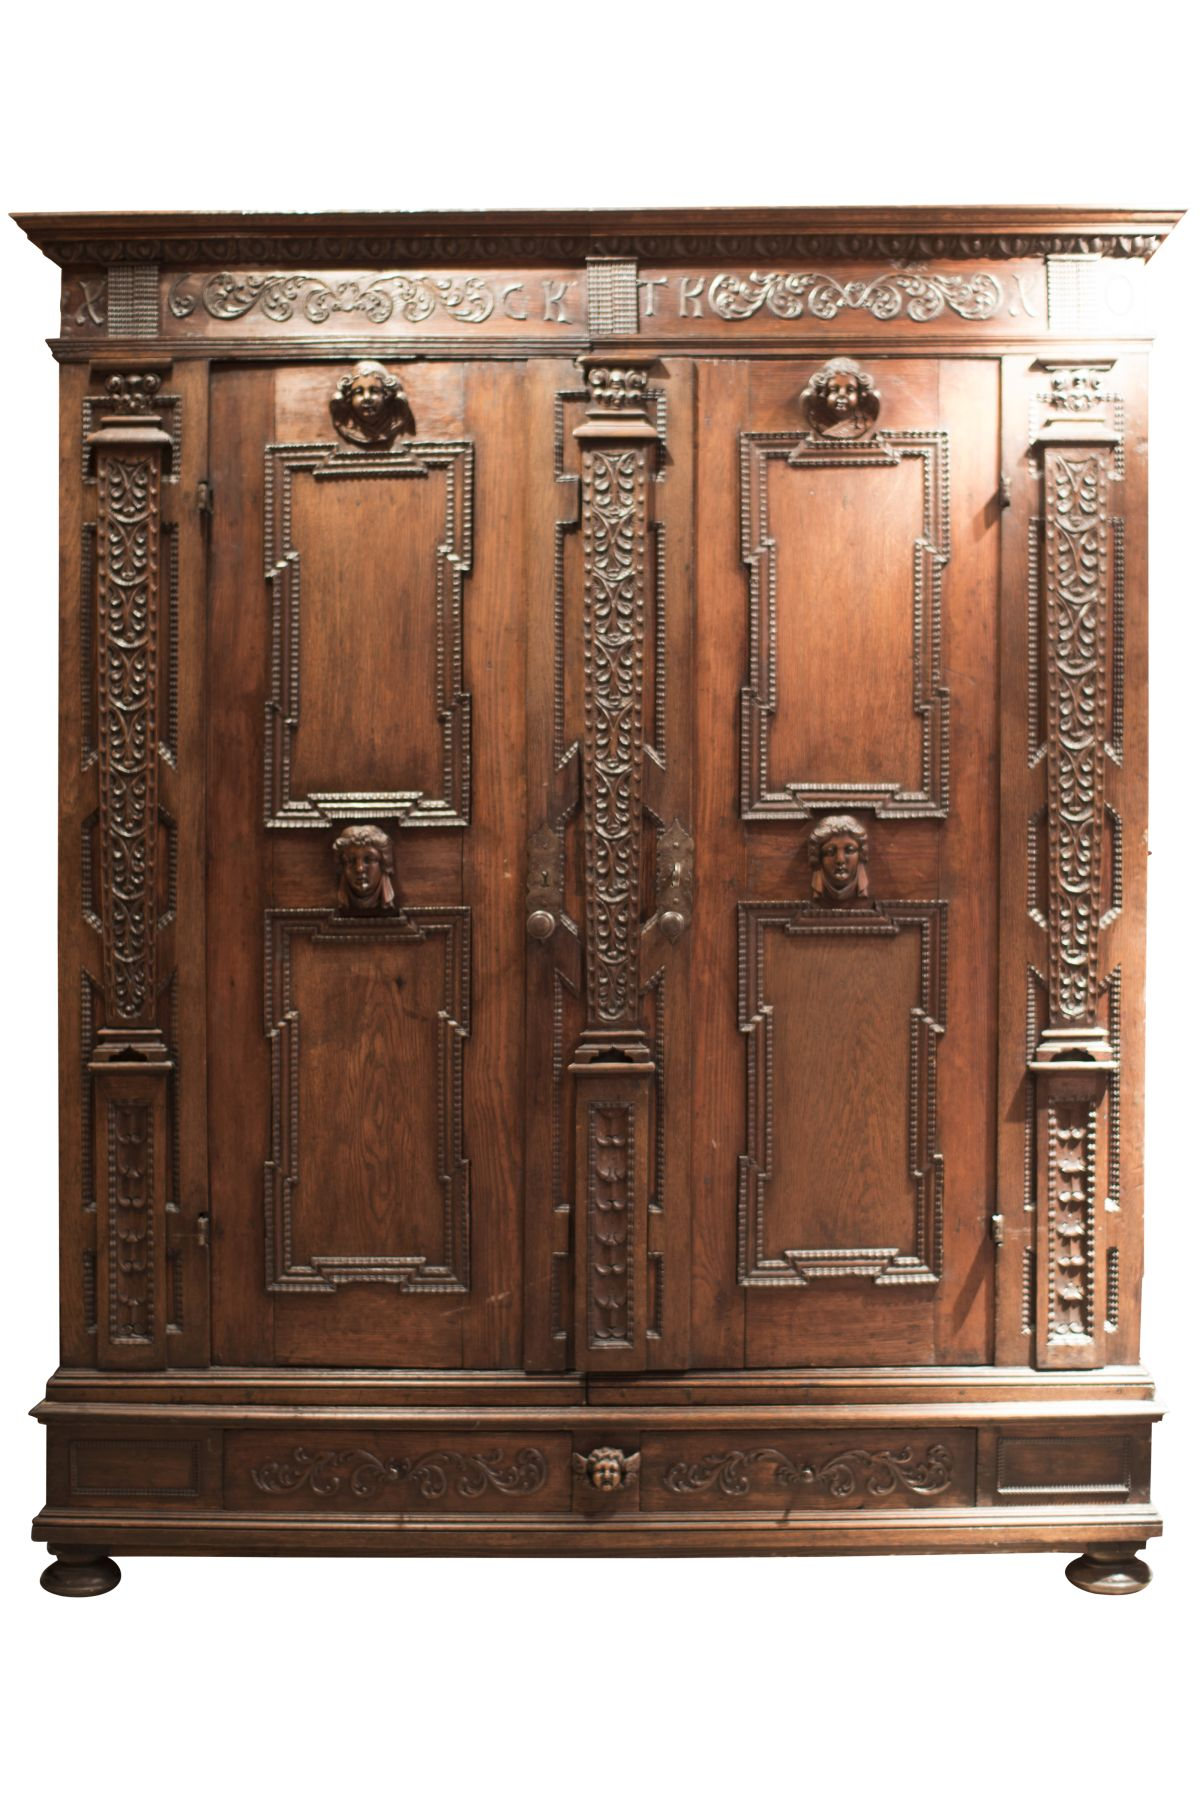 #14 Large Living Room Cabinet, Historicism | Großer Wohnzimmerschrank, Historismus Image